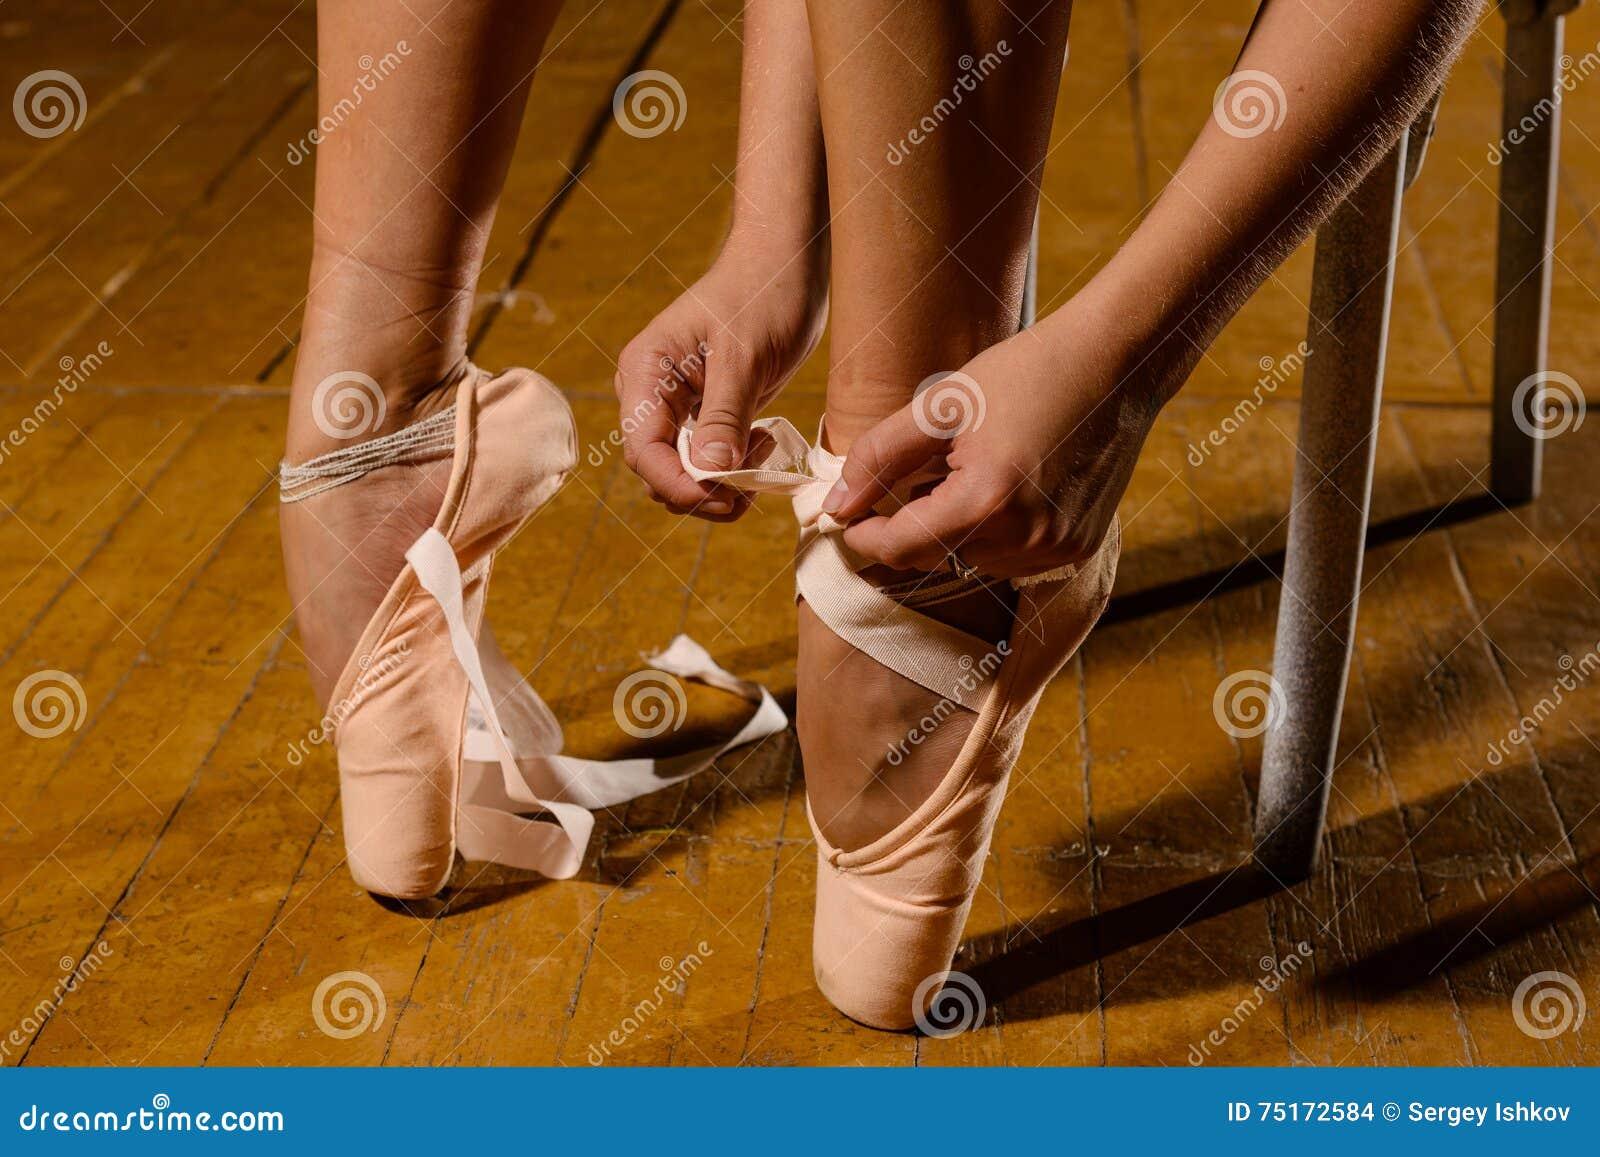 Balerina wiąże pointe baletniczych buty na scenie